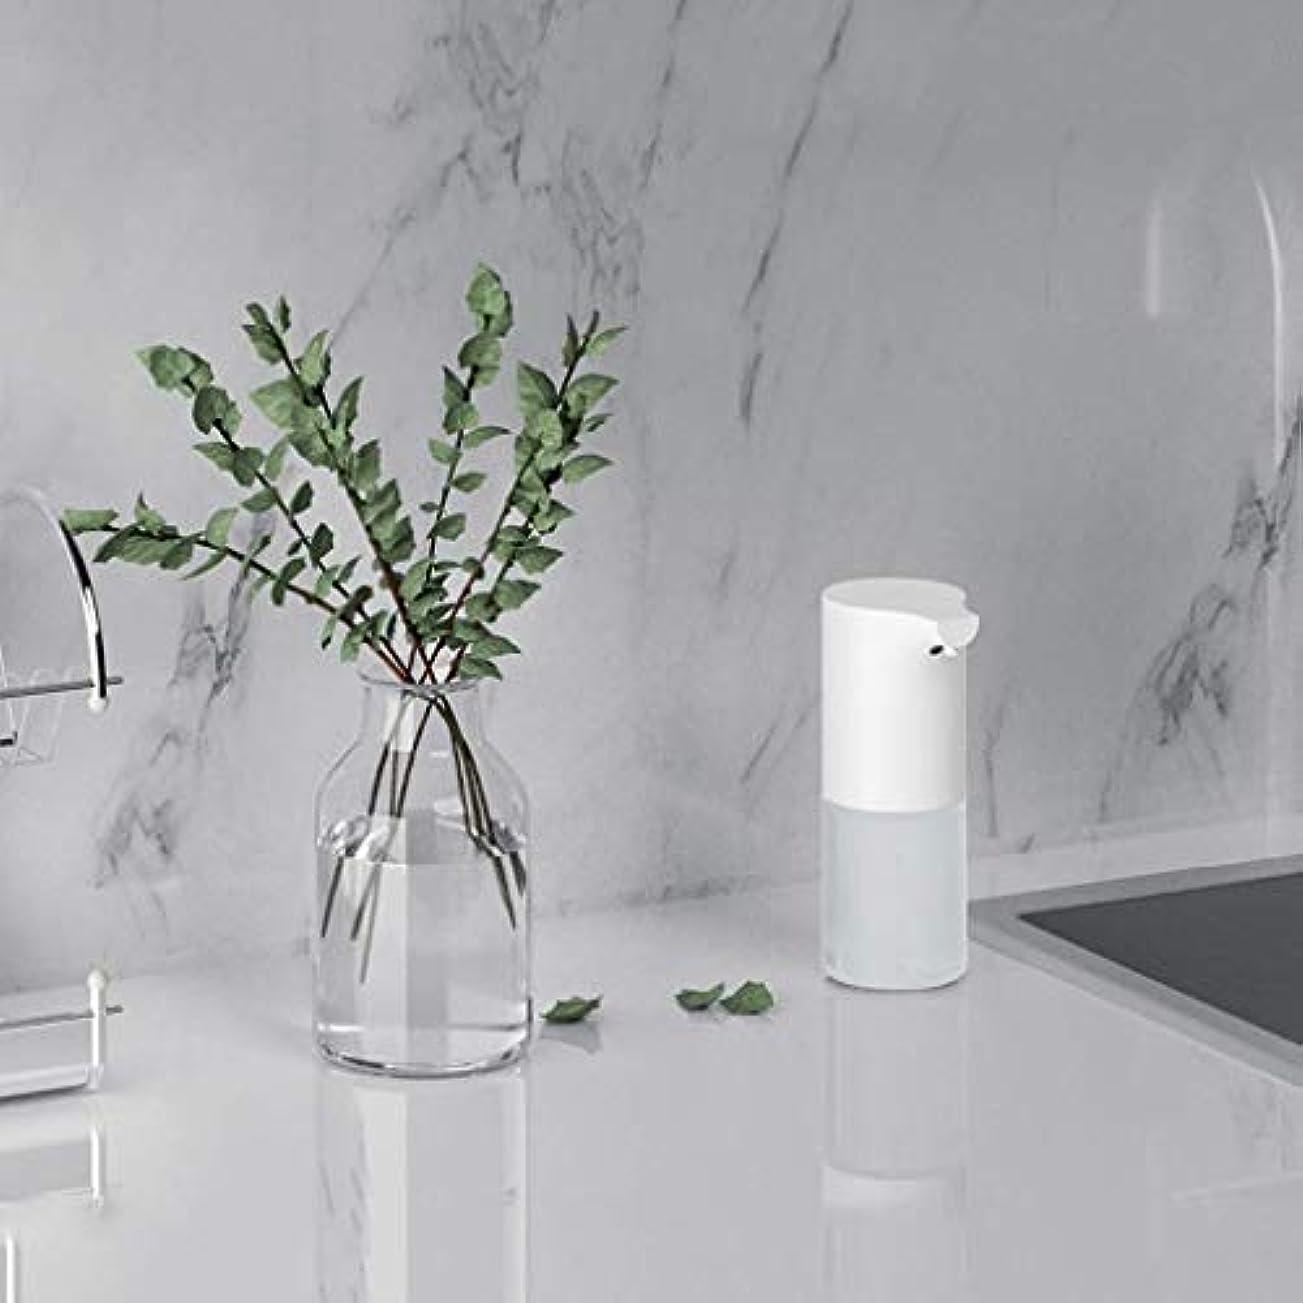 ええ否定する批判赤外線センサー泡手消毒剤320ミリリットル環境保護素材石鹸ボトルキッチンバスルームローション(色:白、サイズ:19 * 9.8 * 7.3 cm) (Color : White, Size : 19*9.8*7.3cm)